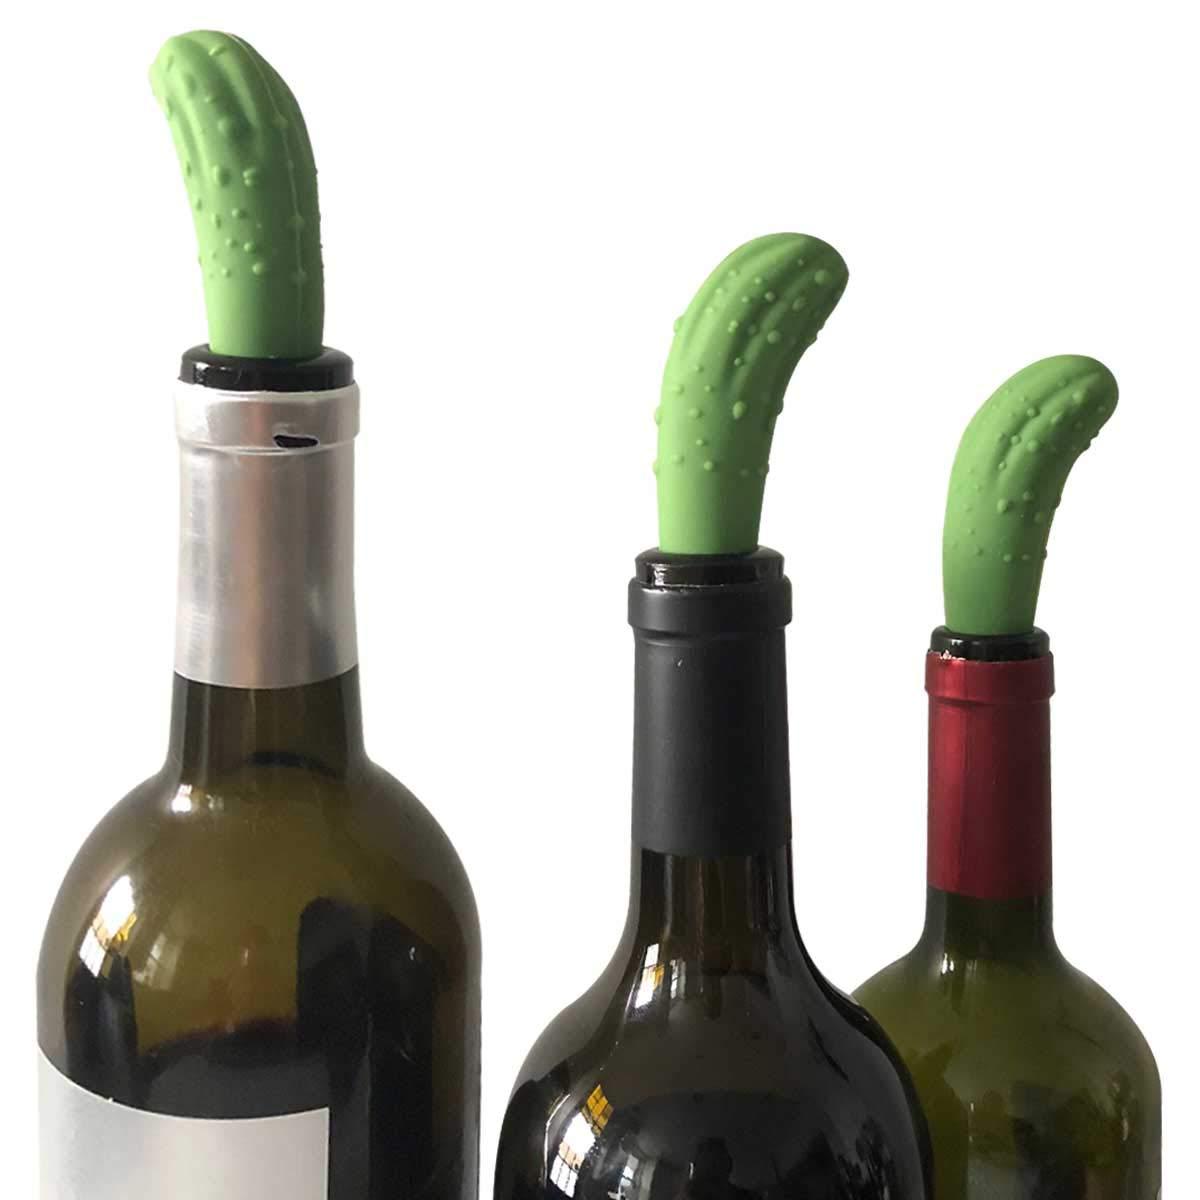 Pickle Wine Stopper - Funny Wine Bottle Stopper - Fun Silicone Bottle Stopper - WINE SAVER/PRESERVER - 2-PACK -By HAWWWY